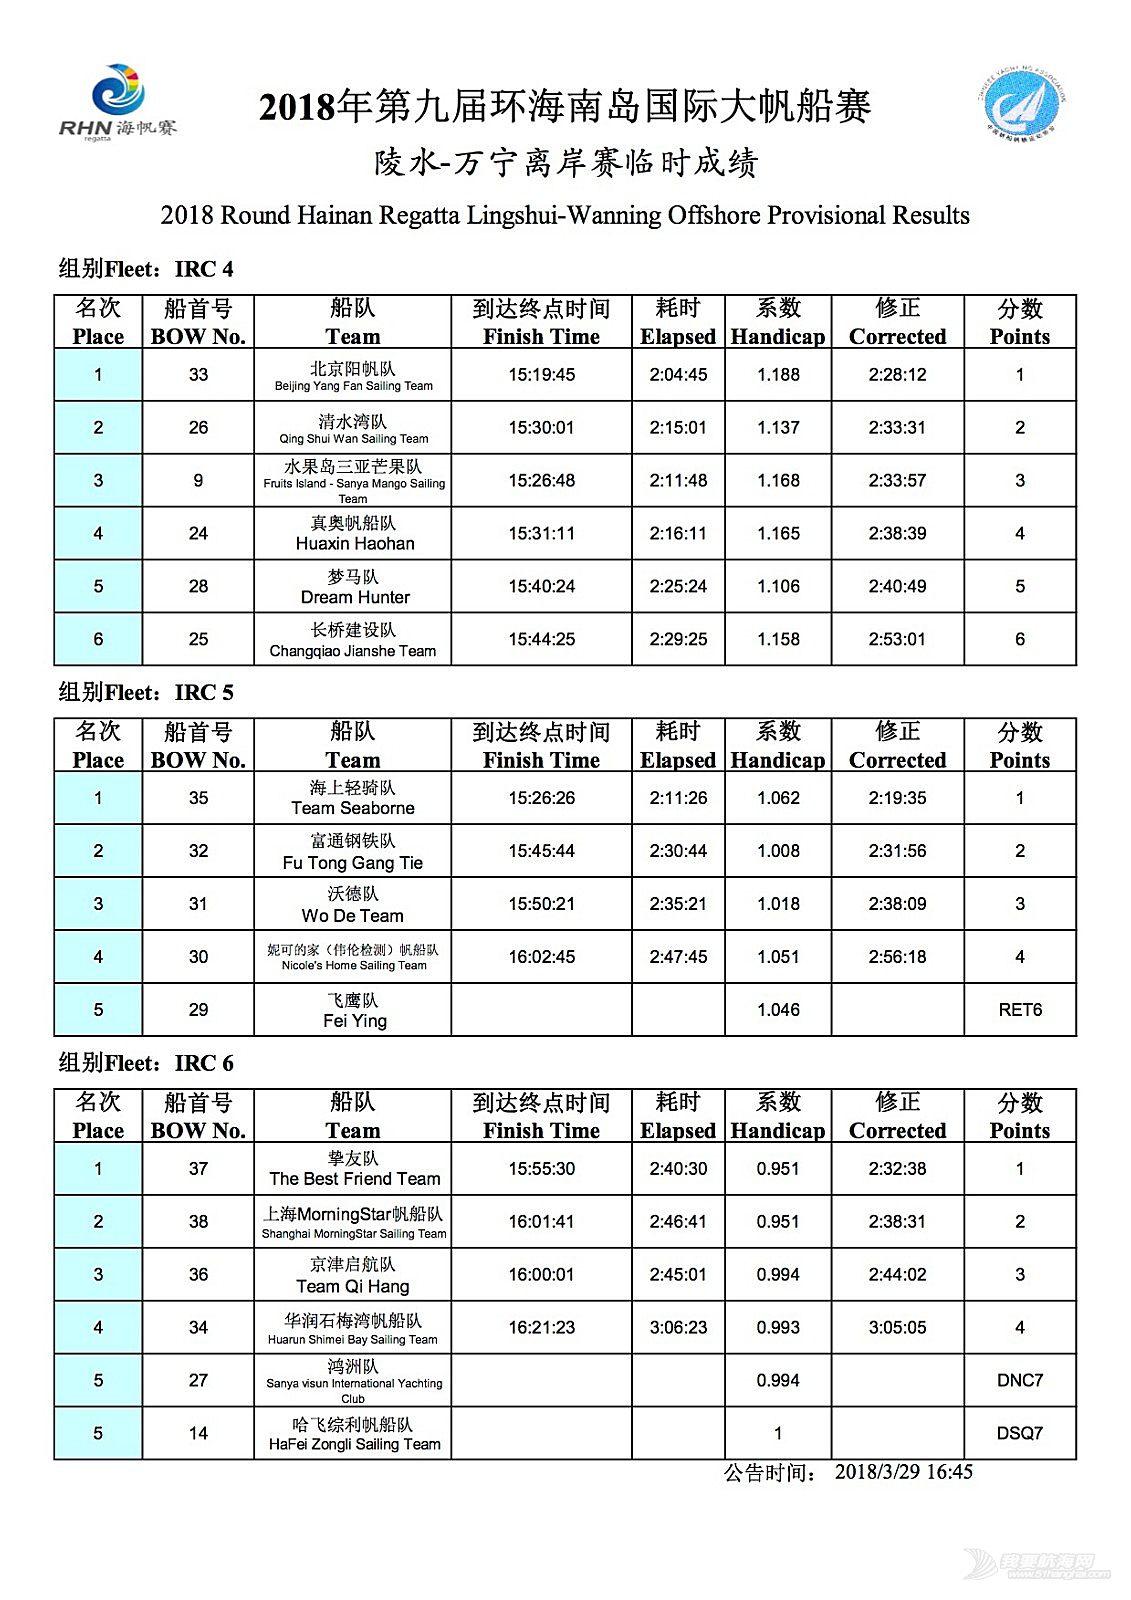 【组图】直击碧桂园2018海帆赛三亚-陵水-万宁半环拉力赛实况